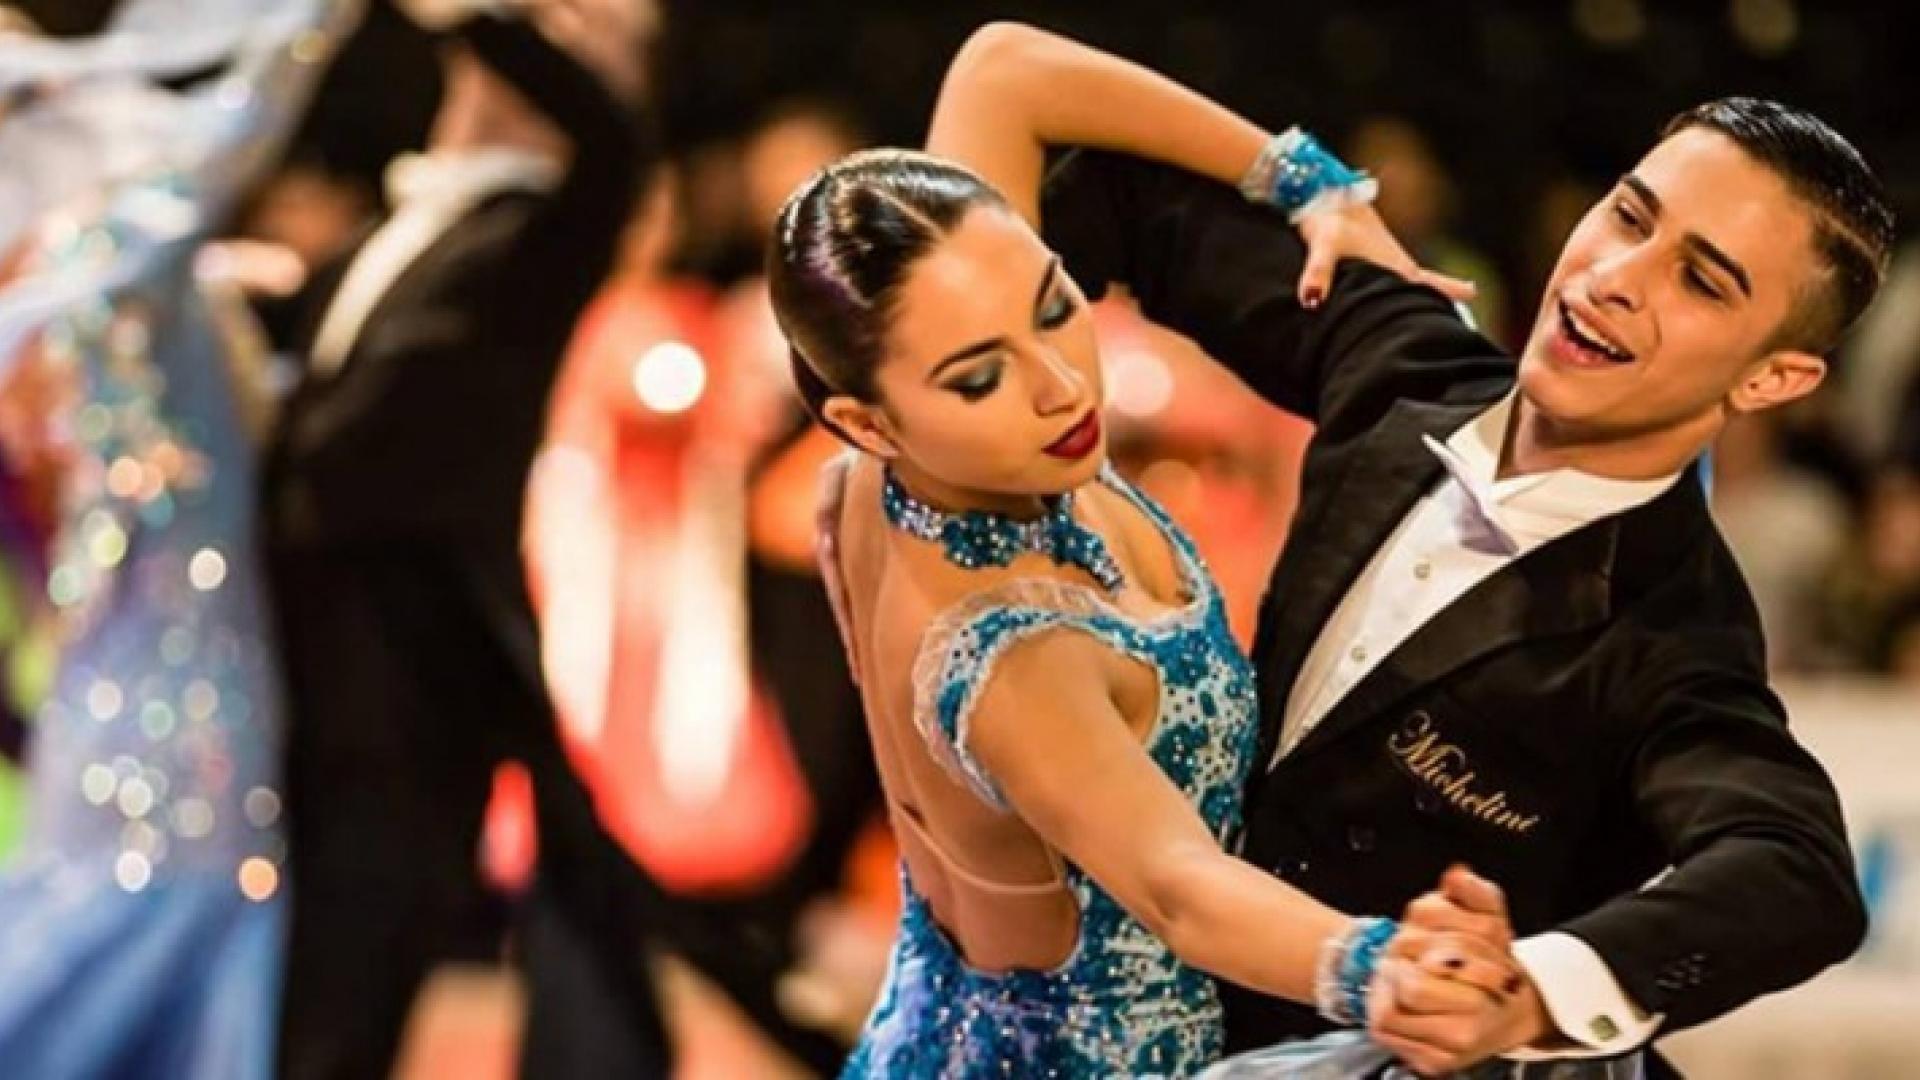 25 - 26 ноември 2017 - Международен турнир по спортни танци WDSF WORLD OPEN